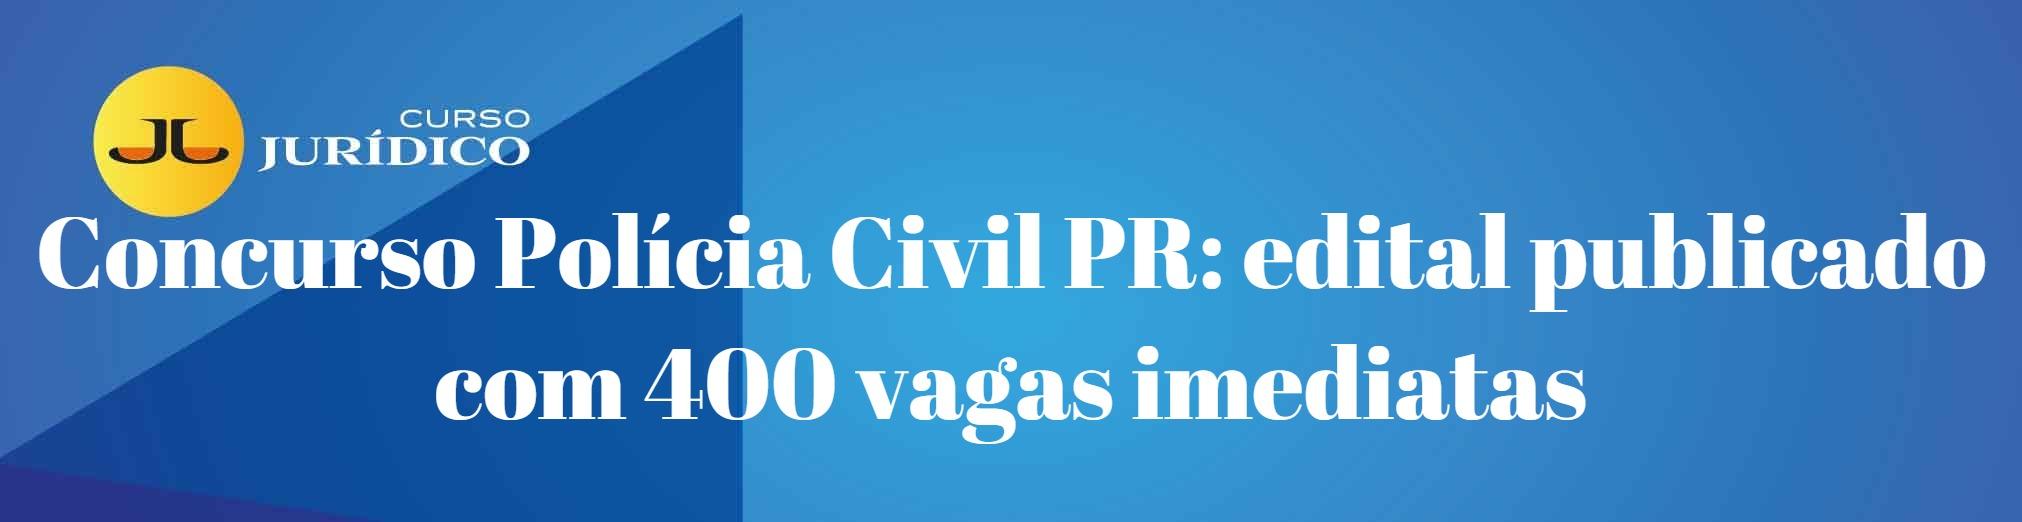 Concurso Polícia Civil PR: edital publicado com 400 vagas imediatas